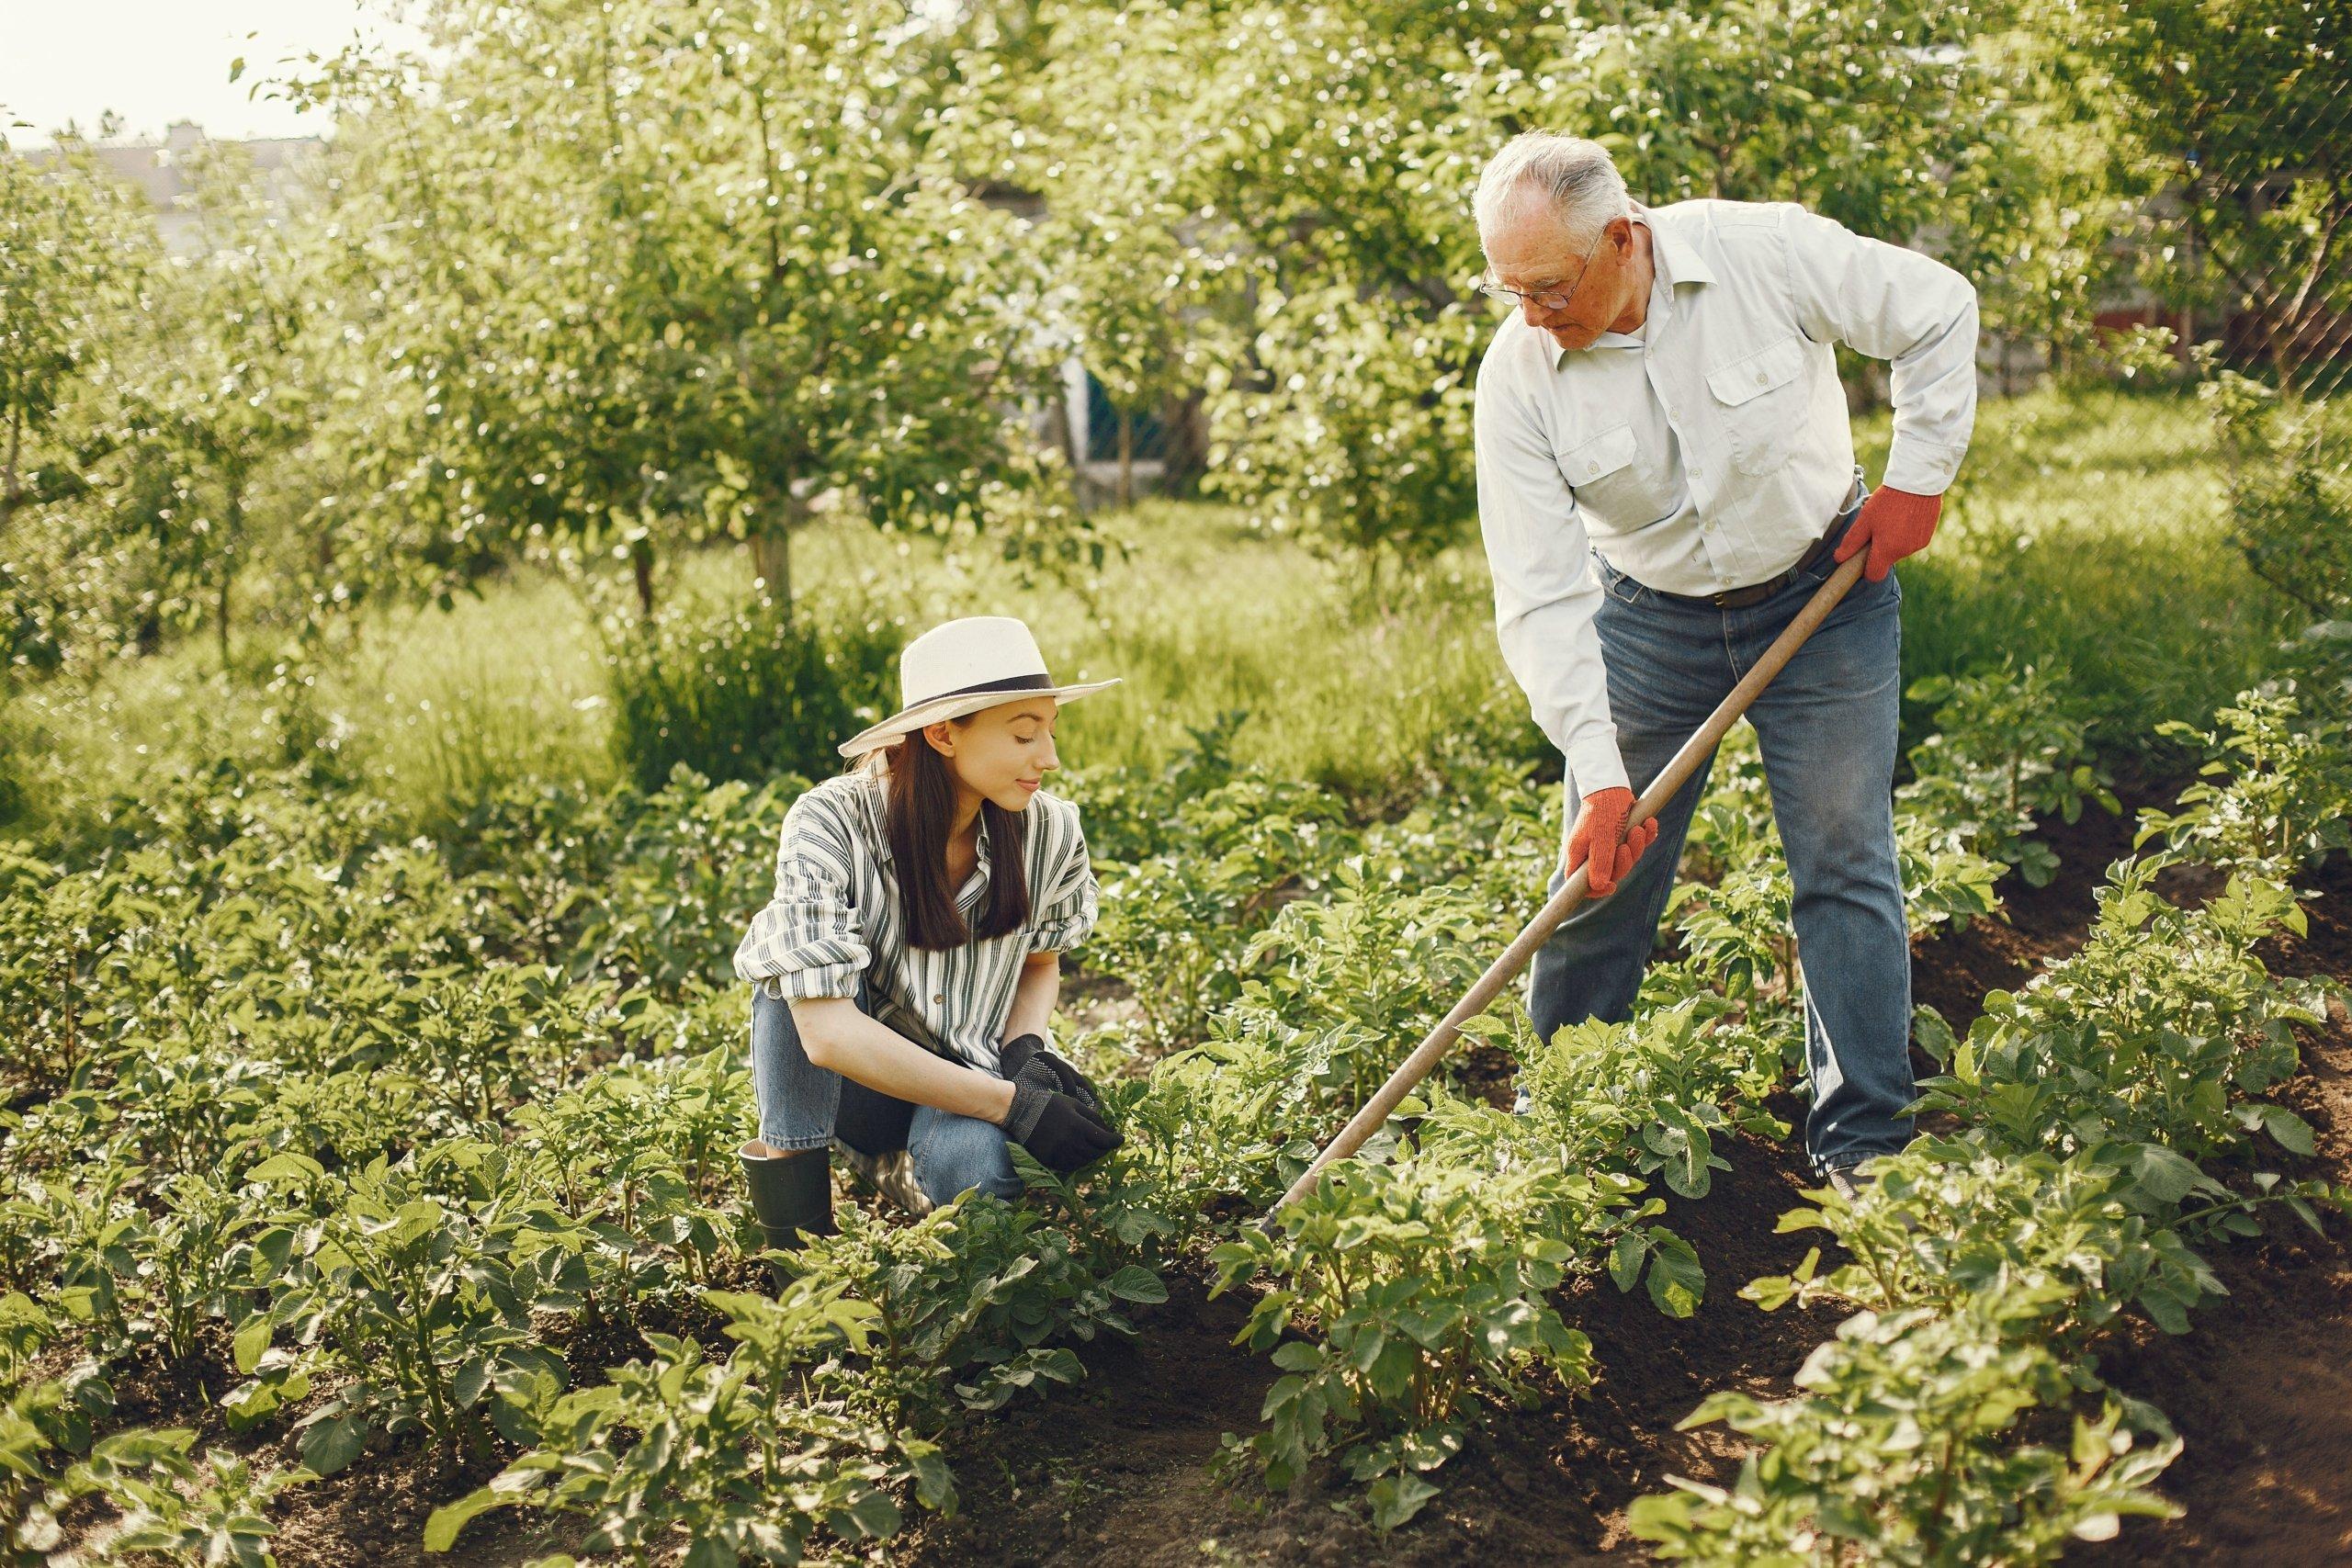 plantations au printemps : arbres, fleurs, fruits, légumes, potager